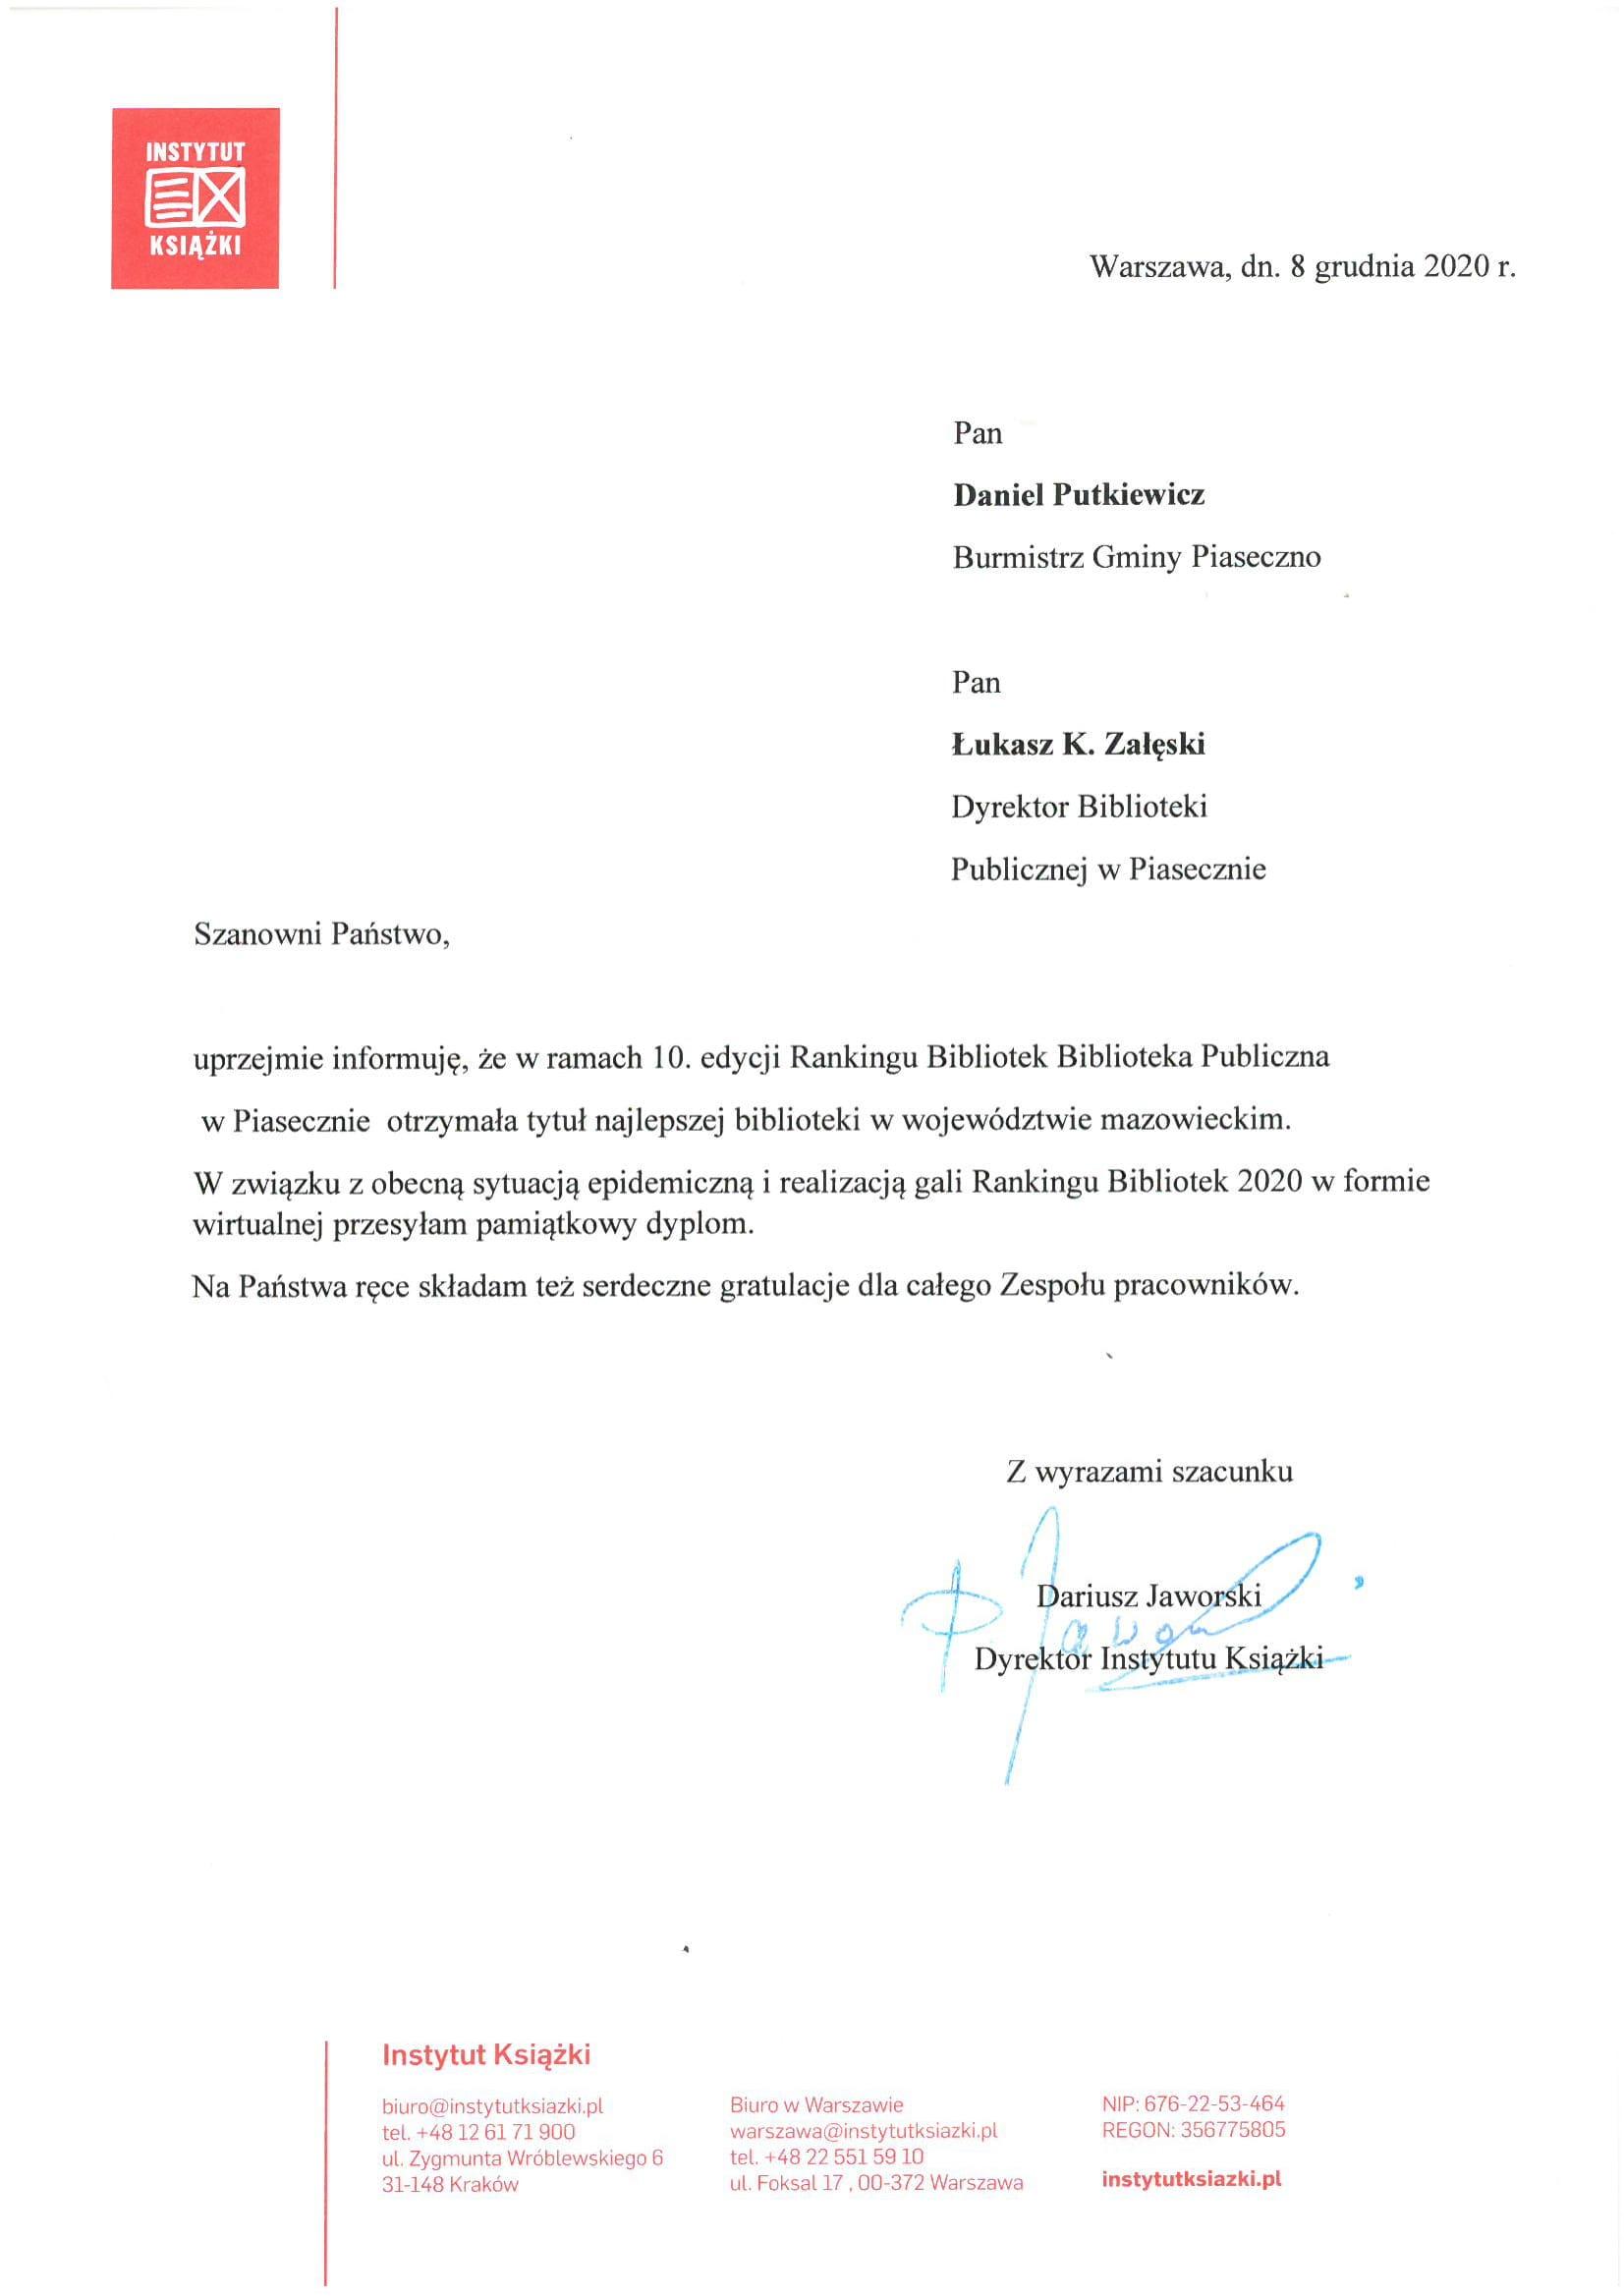 Raning Bibliotek 2020 1 miejsce naMazowszu - list gratulacyjny